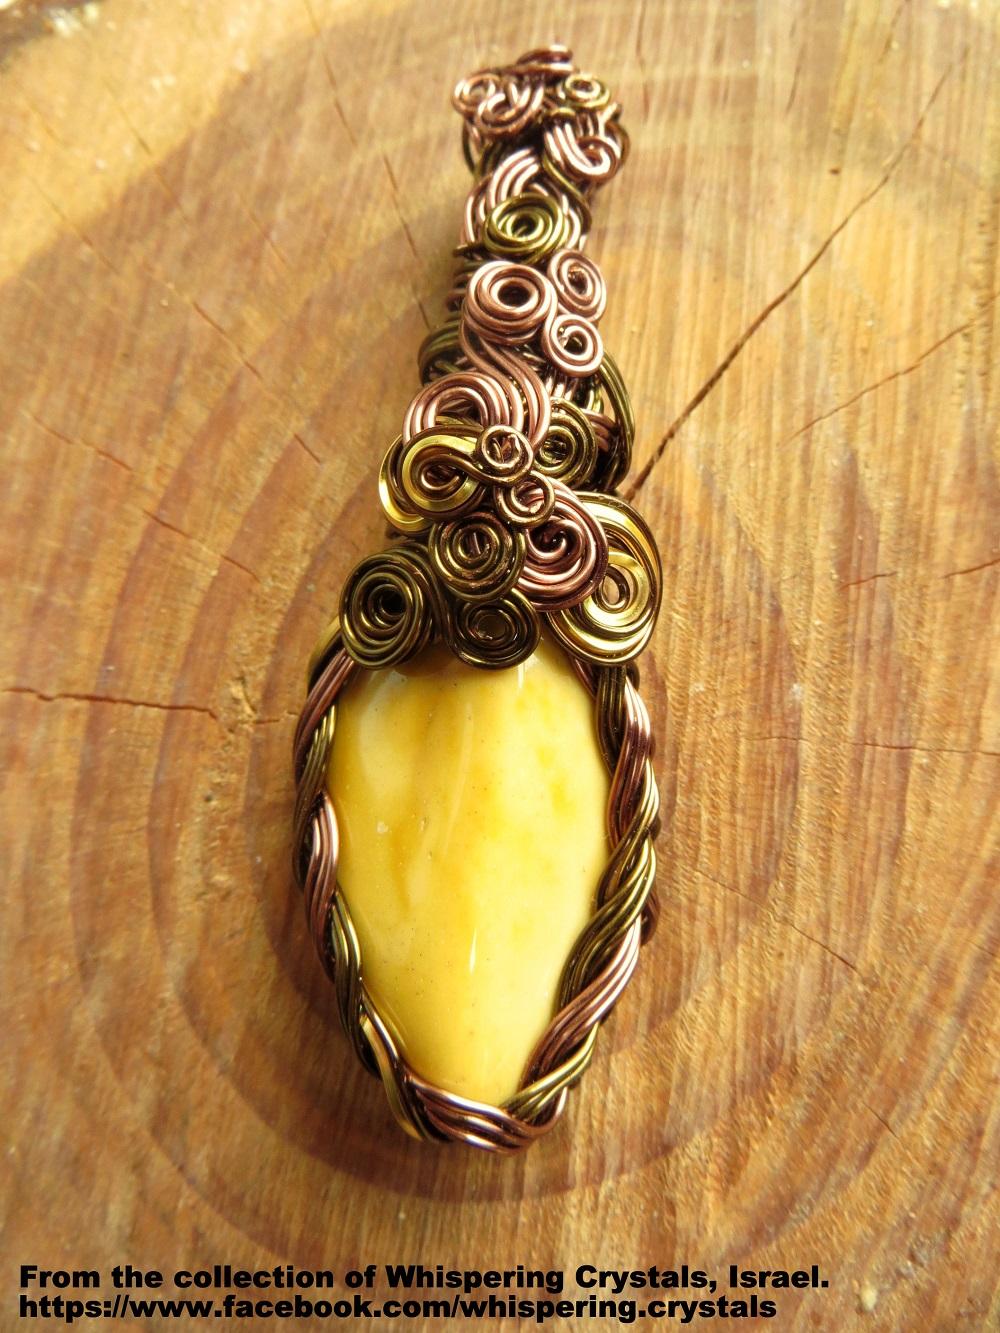 ג'ספר צהובה משובצת בנחושת. מהאוסף של 'וויספרינג קריסטלס' www.facebook.com/whispering.crystals